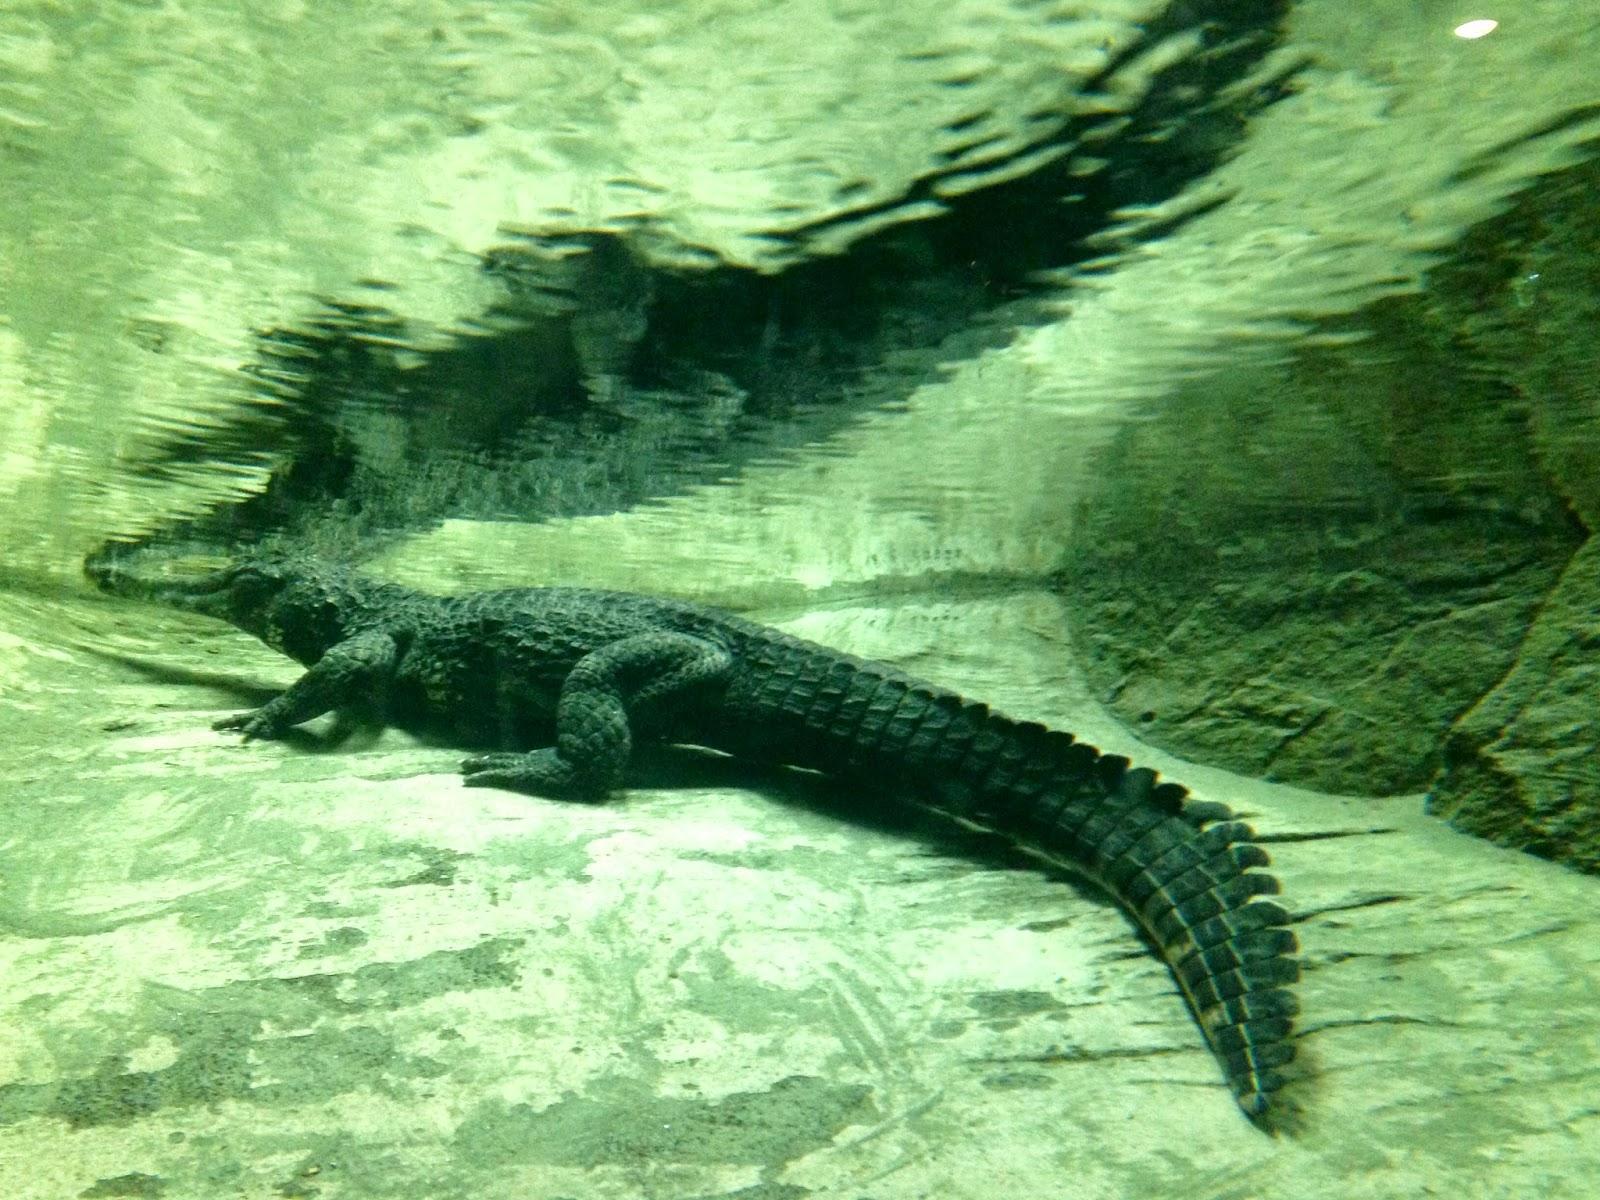 under water croc